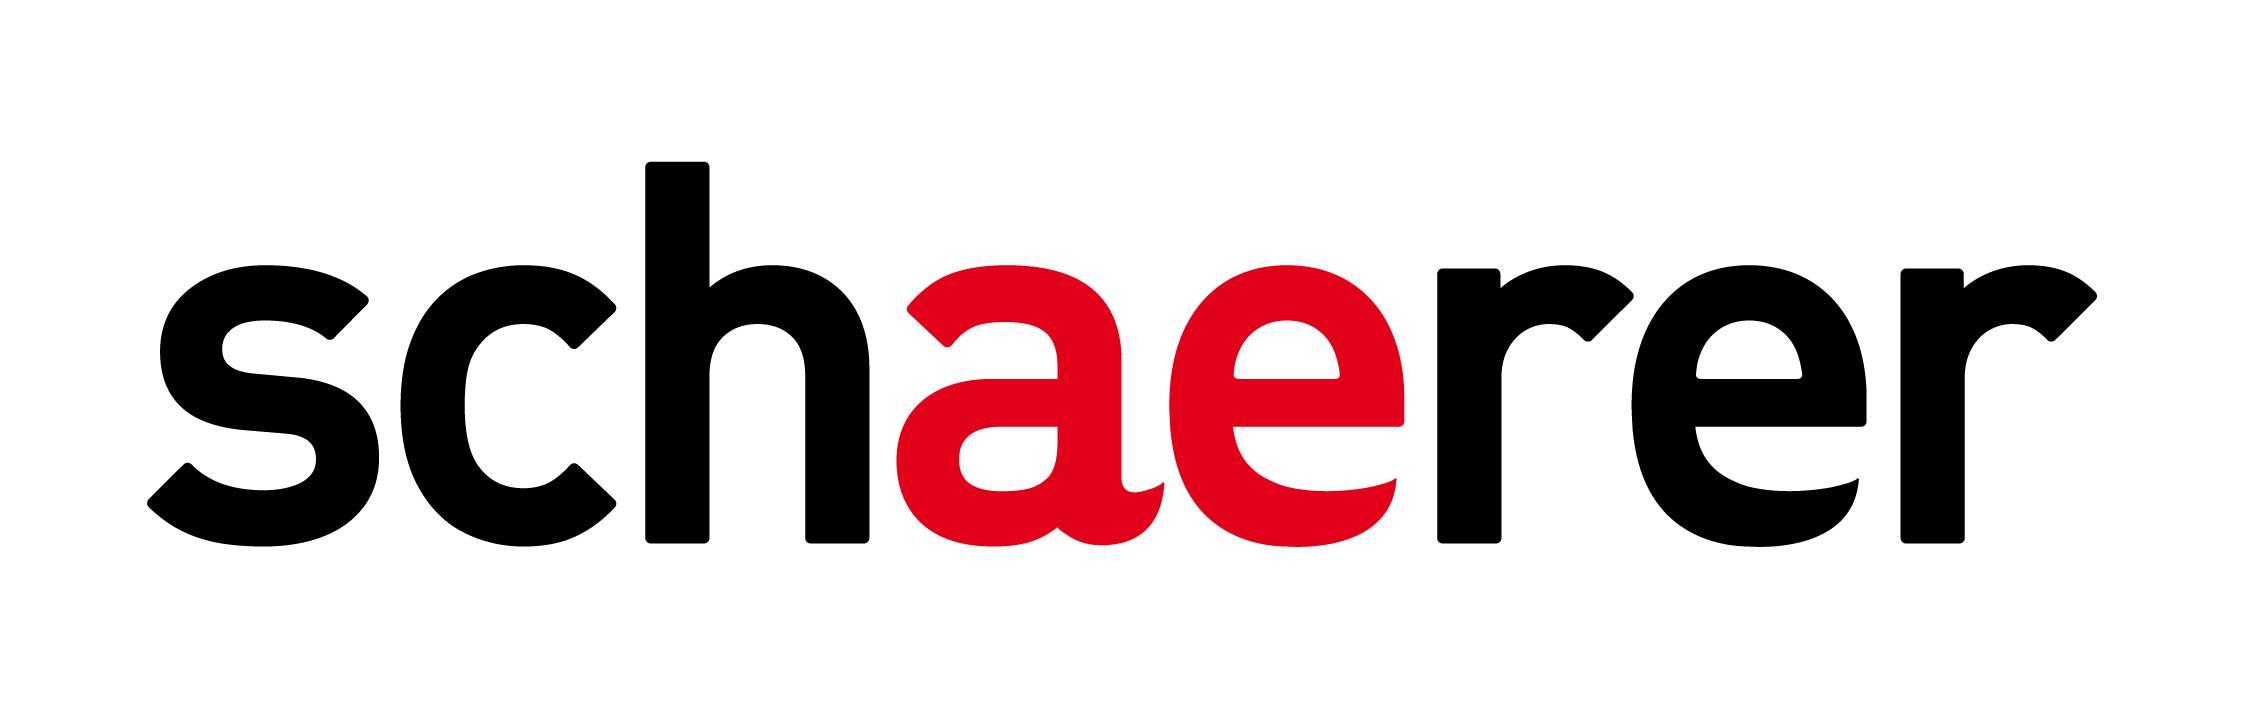 Schaerer Logo